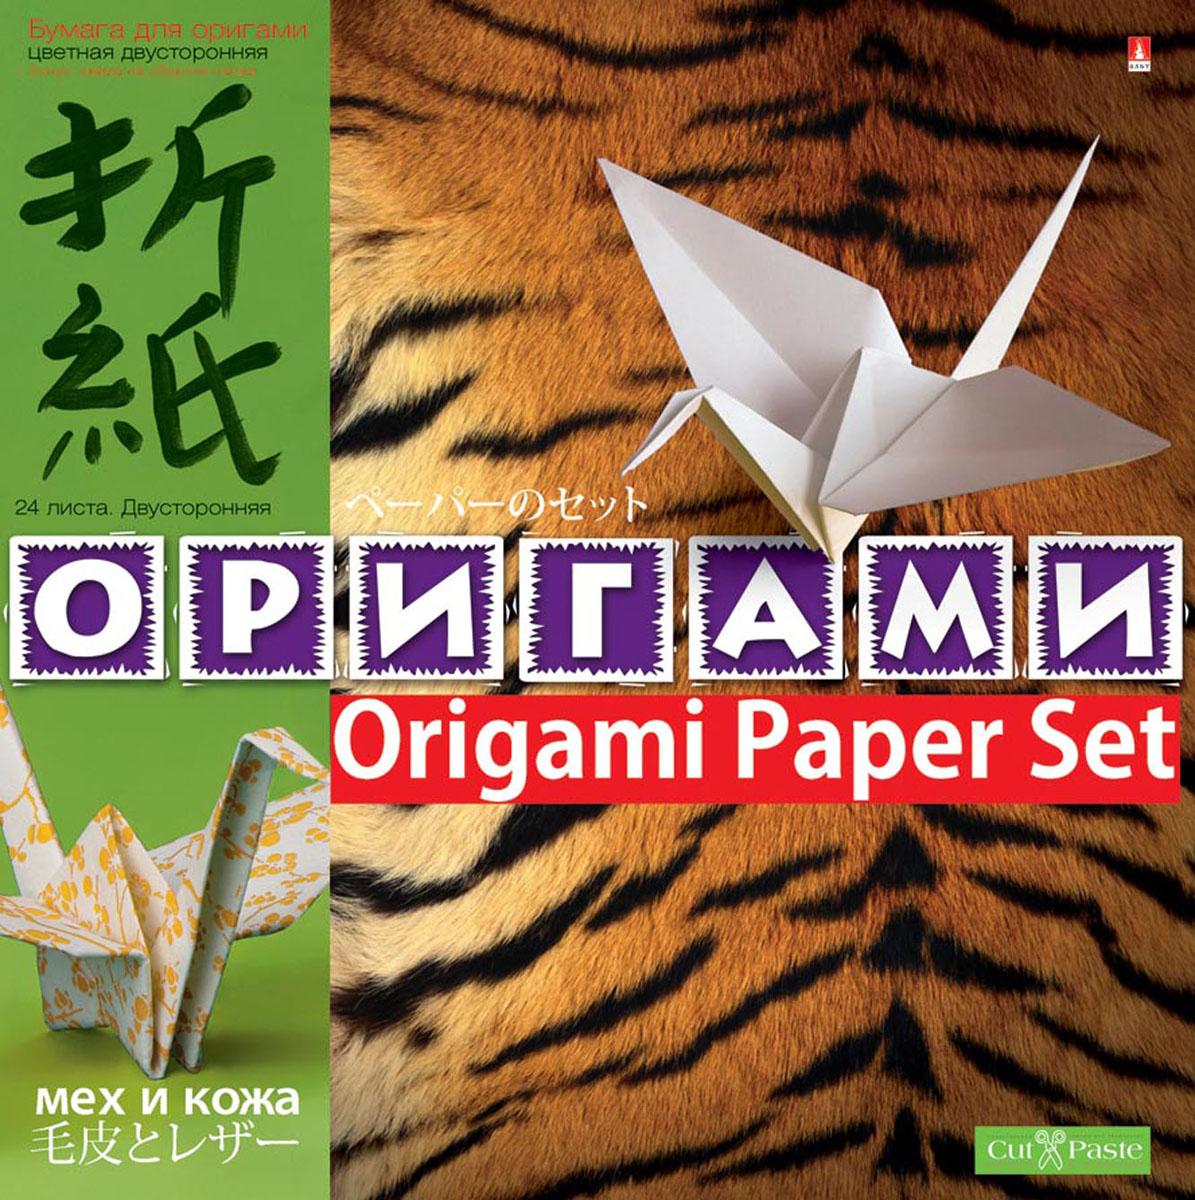 Бумага для оригами Мех и кожа, цветная, двухсторонняя, 24 листа72523WDНабор цветной бумаги позволит создавать вашему ребенку своими руками оригинальное оригами. Набор состоит из 24 листов разных цветов. На обратной стороне папки приводится инструкции с фотографиями и рисунками по изготовлению оригами. Создание поделок из цветной бумаги позволяет ребенку развивать творческие способности, кроме того, это увлекательный досуг.